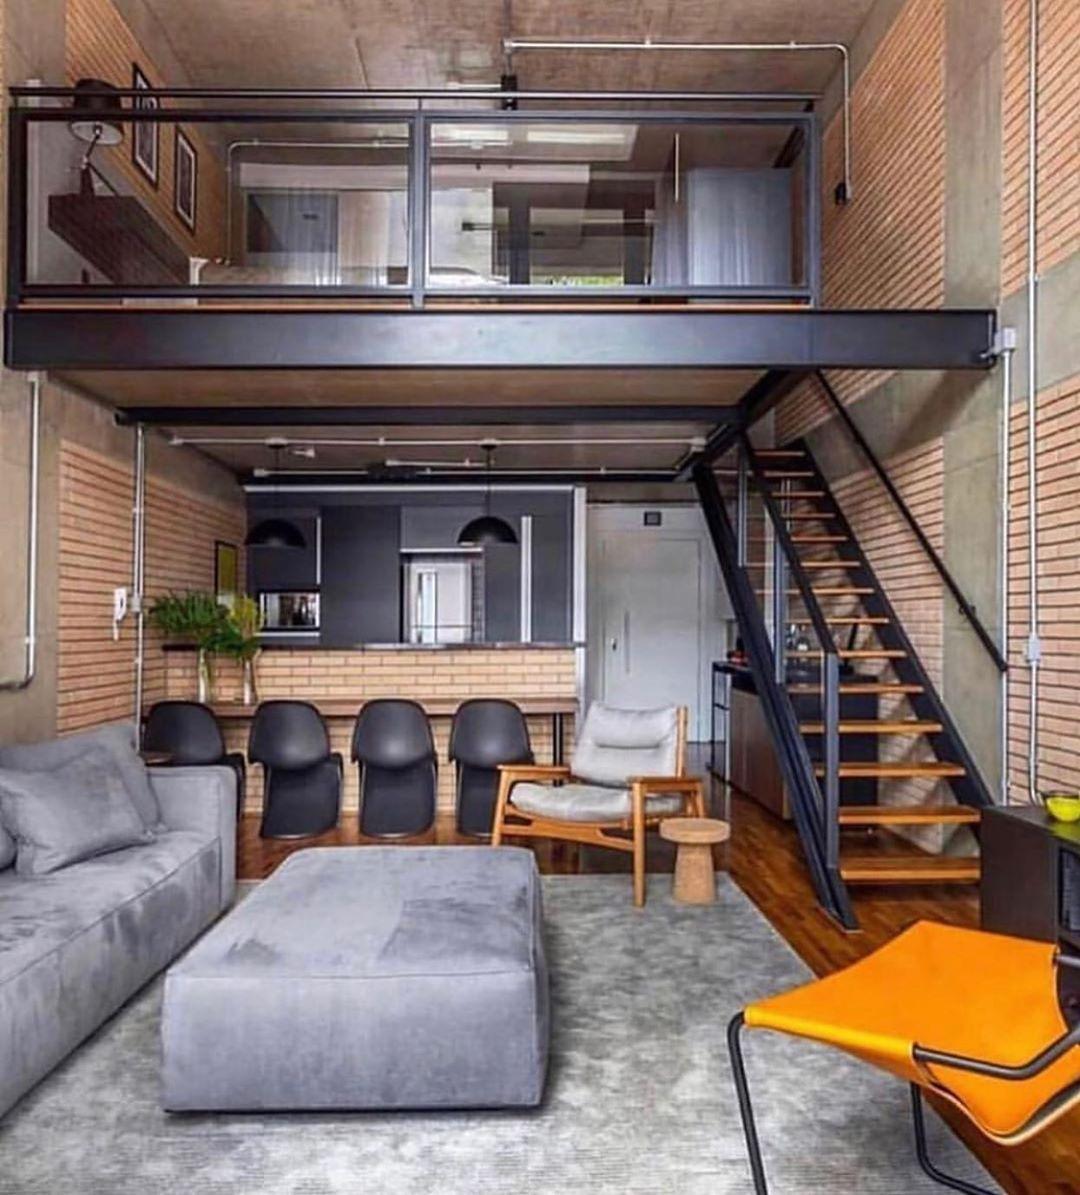 Os Lofts Sempre Ganham Meu Coração! 🖤🖤 - Architecture